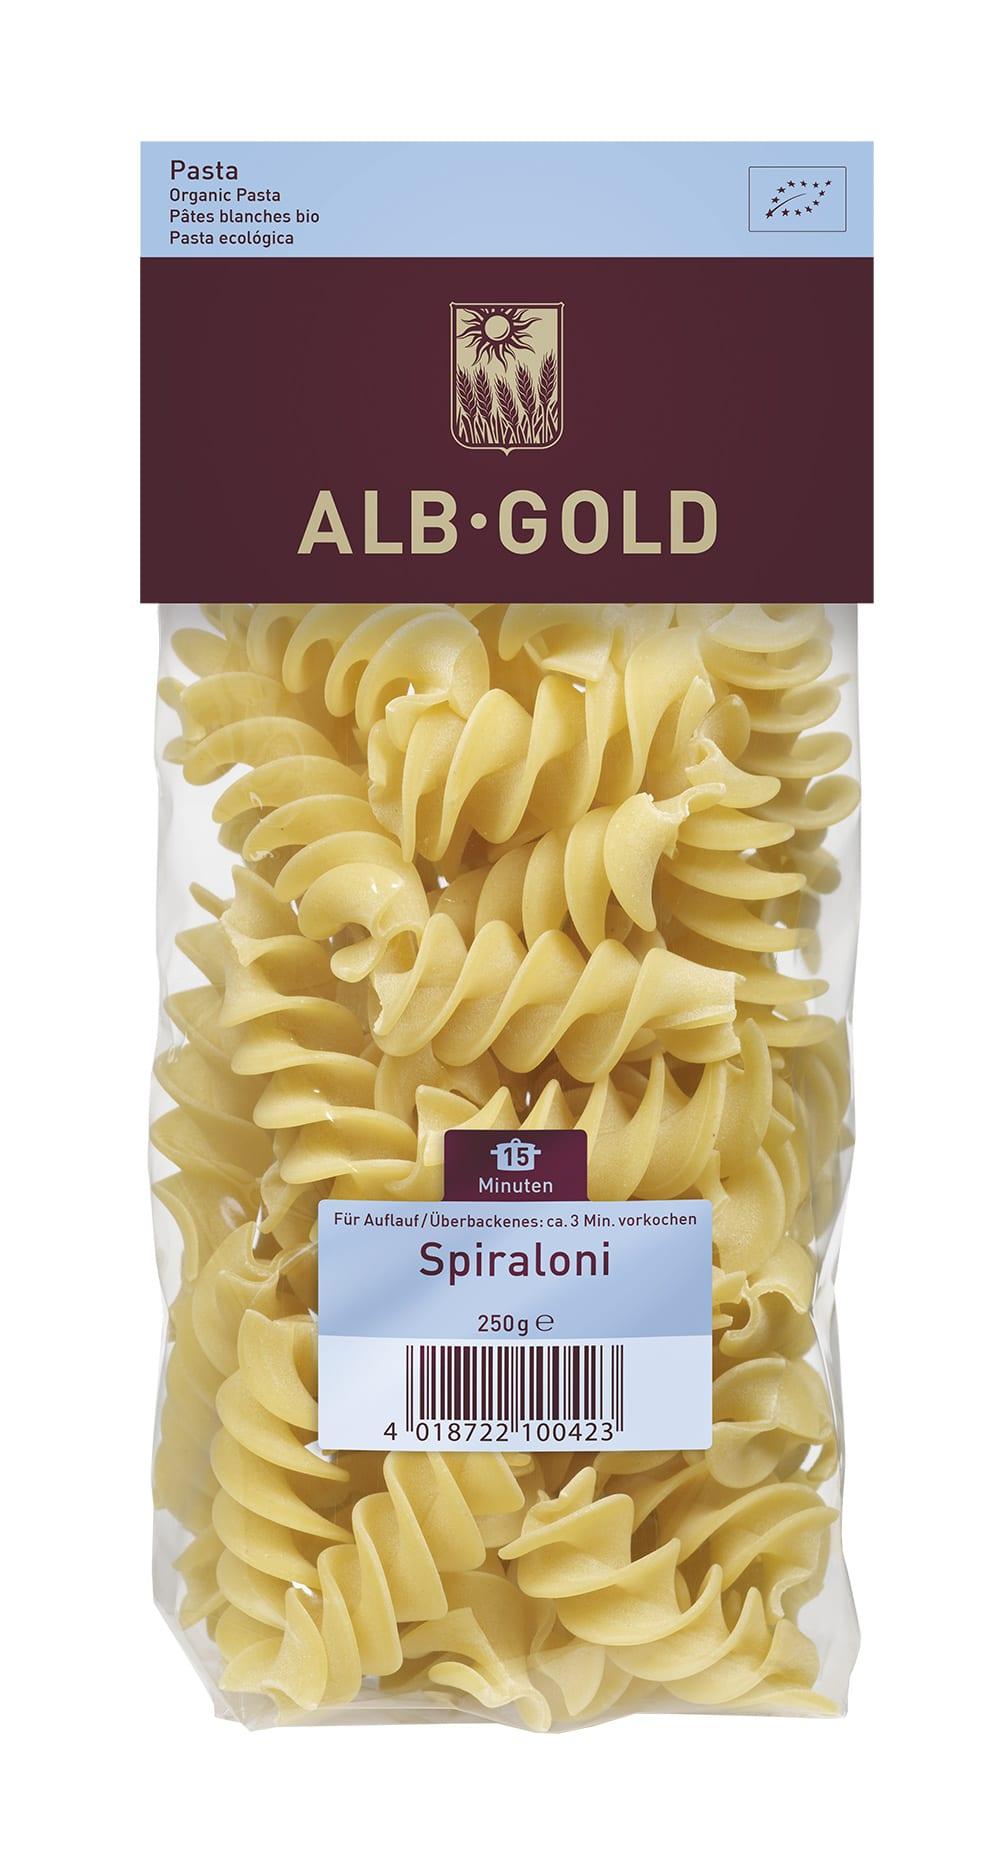 ALb-Gold Spiraloni - Økotaste